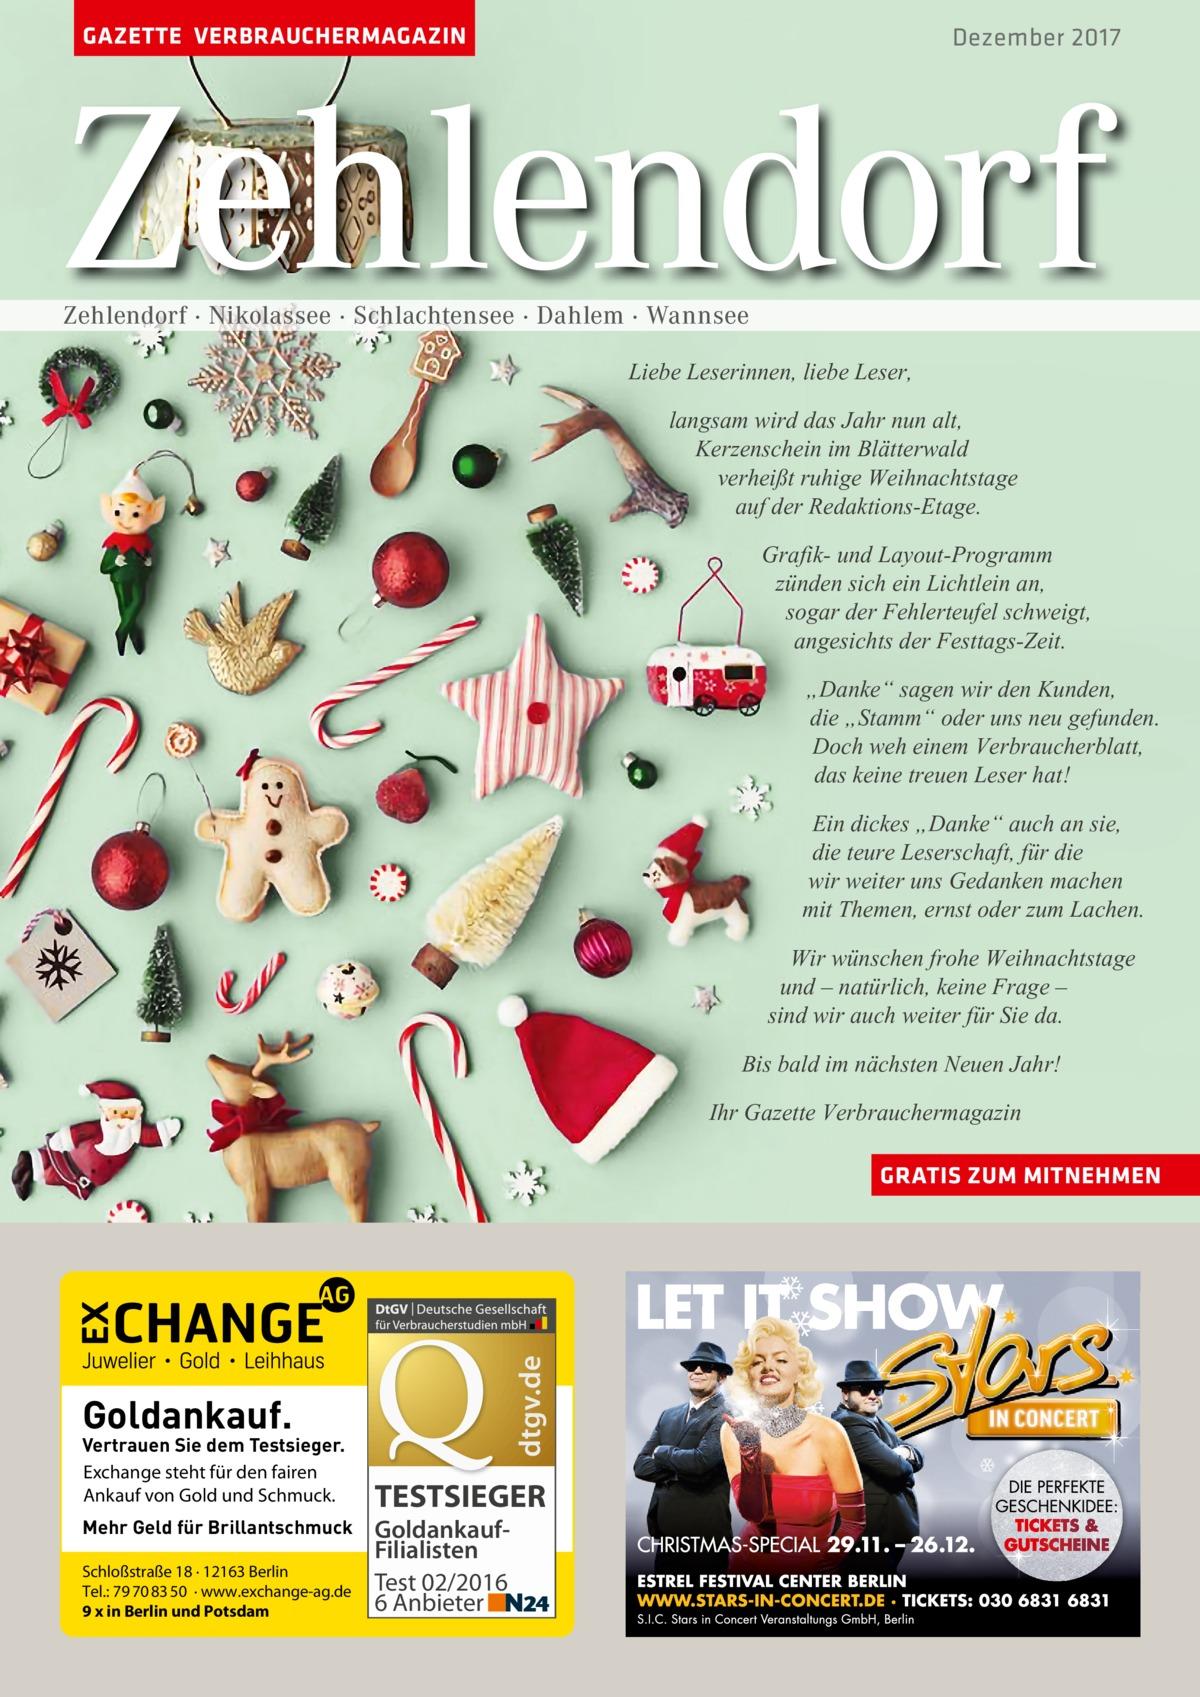 """GAZETTE VERBRAUCHERMAGAZIN  Dezember 2017  Zehlendorf Zehlendorf · Nikolassee · Schlachtensee · Dahlem · Wannsee  Liebe Leserinnen, liebe Leser, langsam wird das Jahr nun alt, Kerzenschein im Blätterwald verheißt ruhige Weihnachtstage auf der Redaktions-Etage. Grafik- und Layout-Programm zünden sich ein Lichtlein an, sogar der Fehlerteufel schweigt, angesichts der Festtags-Zeit. """"Danke"""" sagen wir den Kunden, die """"Stamm"""" oder uns neu gefunden. Doch weh einem Verbraucherblatt, das keine treuen Leser hat! Ein dickes """"Danke"""" auch an sie, die teure Leserschaft, für die wir weiter uns Gedanken machen mit Themen, ernst oder zum Lachen. Wir wünschen frohe Weihnachtstage und – natürlich, keine Frage – sind wir auch weiter für Sie da. Bis bald im nächsten Neuen Jahr! Ihr Gazette Verbrauchermagazin  dtgv.de  GRATIS ZUM MITNEHMEN  Goldankauf.  Vertrauen Sie dem Testsieger. Exchange steht für den fairen Ankauf von Gold und Schmuck. Mehr Geld für Brillantschmuck Schloßstraße 18 · 12163 Berlin Tel.: 79 70 83 50 · www.exchange-ag.de 9 x in Berlin und Potsdam  TESTSIEGER GoldankaufFilialisten Test 02/2016 6 Anbieter"""